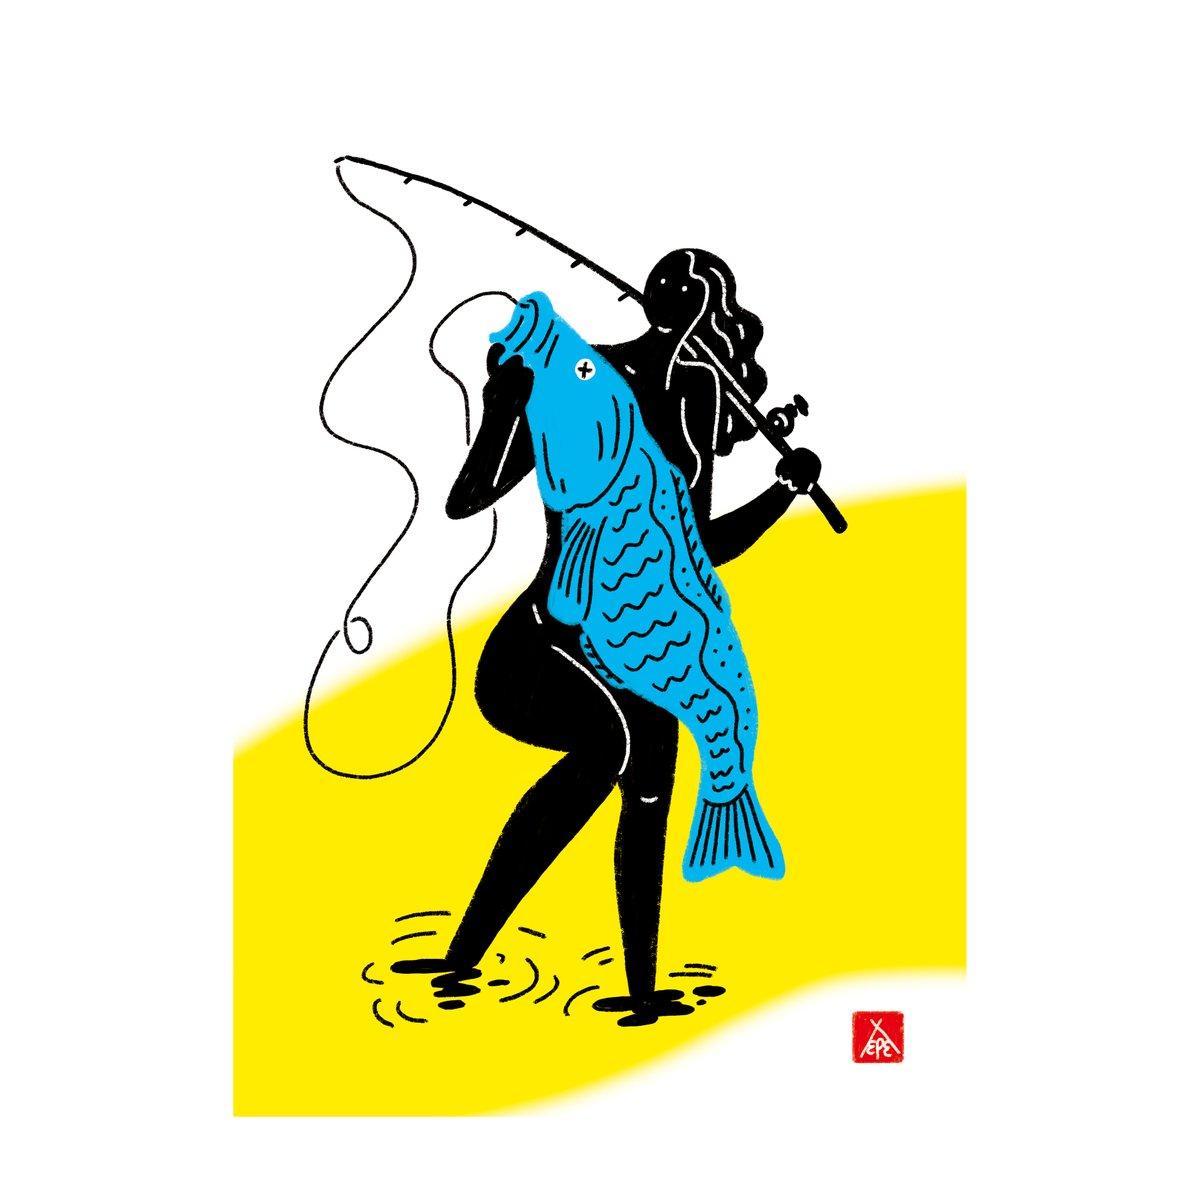 (〃´・ω・`) 「釣り」fishing  #fishing #illustration #イラスト  #ナカオテッペイ #釣り  #art #nakaoteppei #instacool #オリジナル  #original #instagram